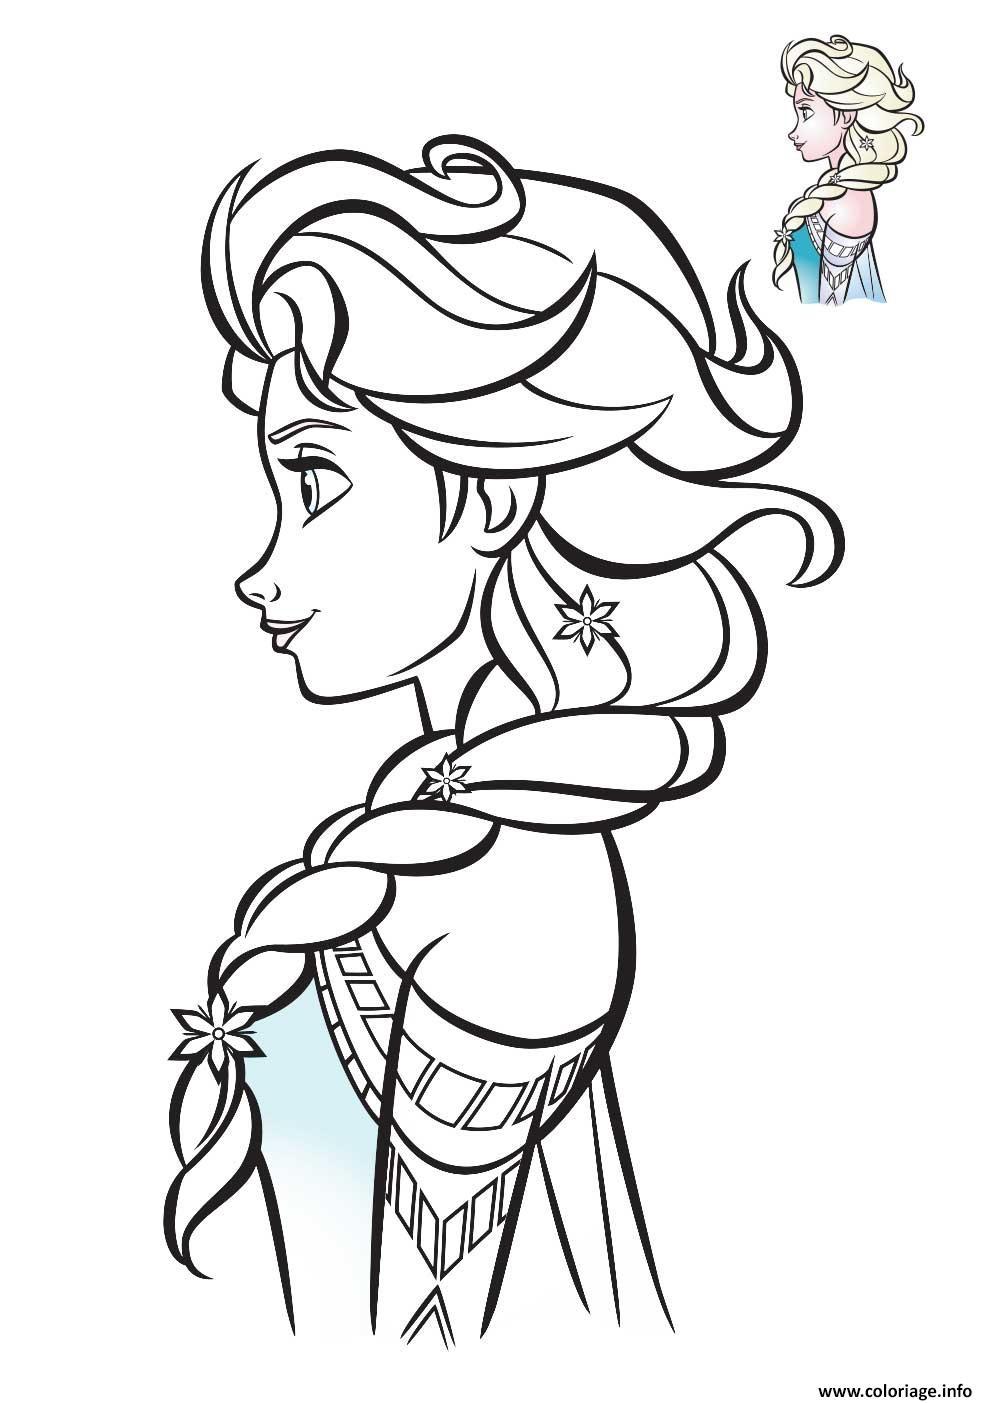 Coloriage elsa reine des neiges de profil 2018 dessin - De la reine des neiges ...